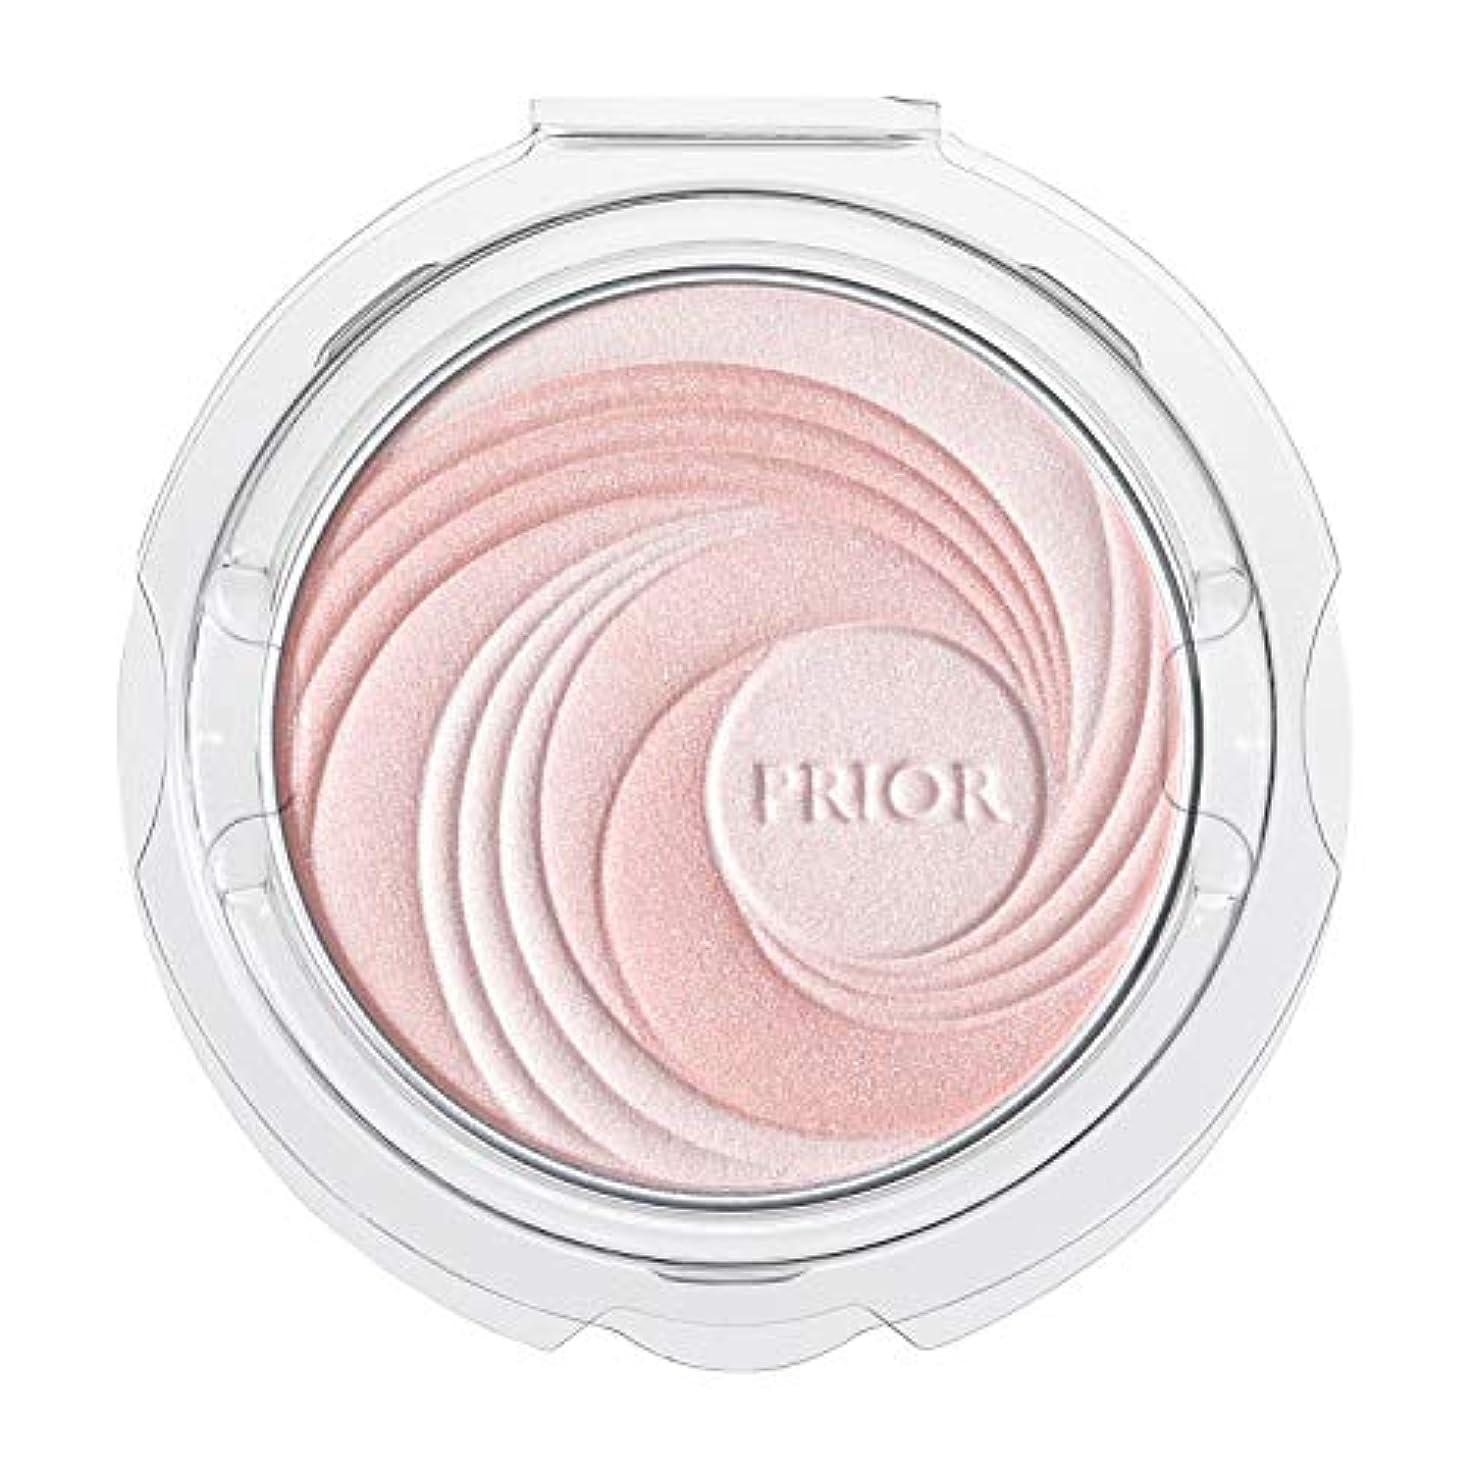 飢とても多くのびっくりプリオール 美つやアップおしろい (レフィル) ピンク 9.5g